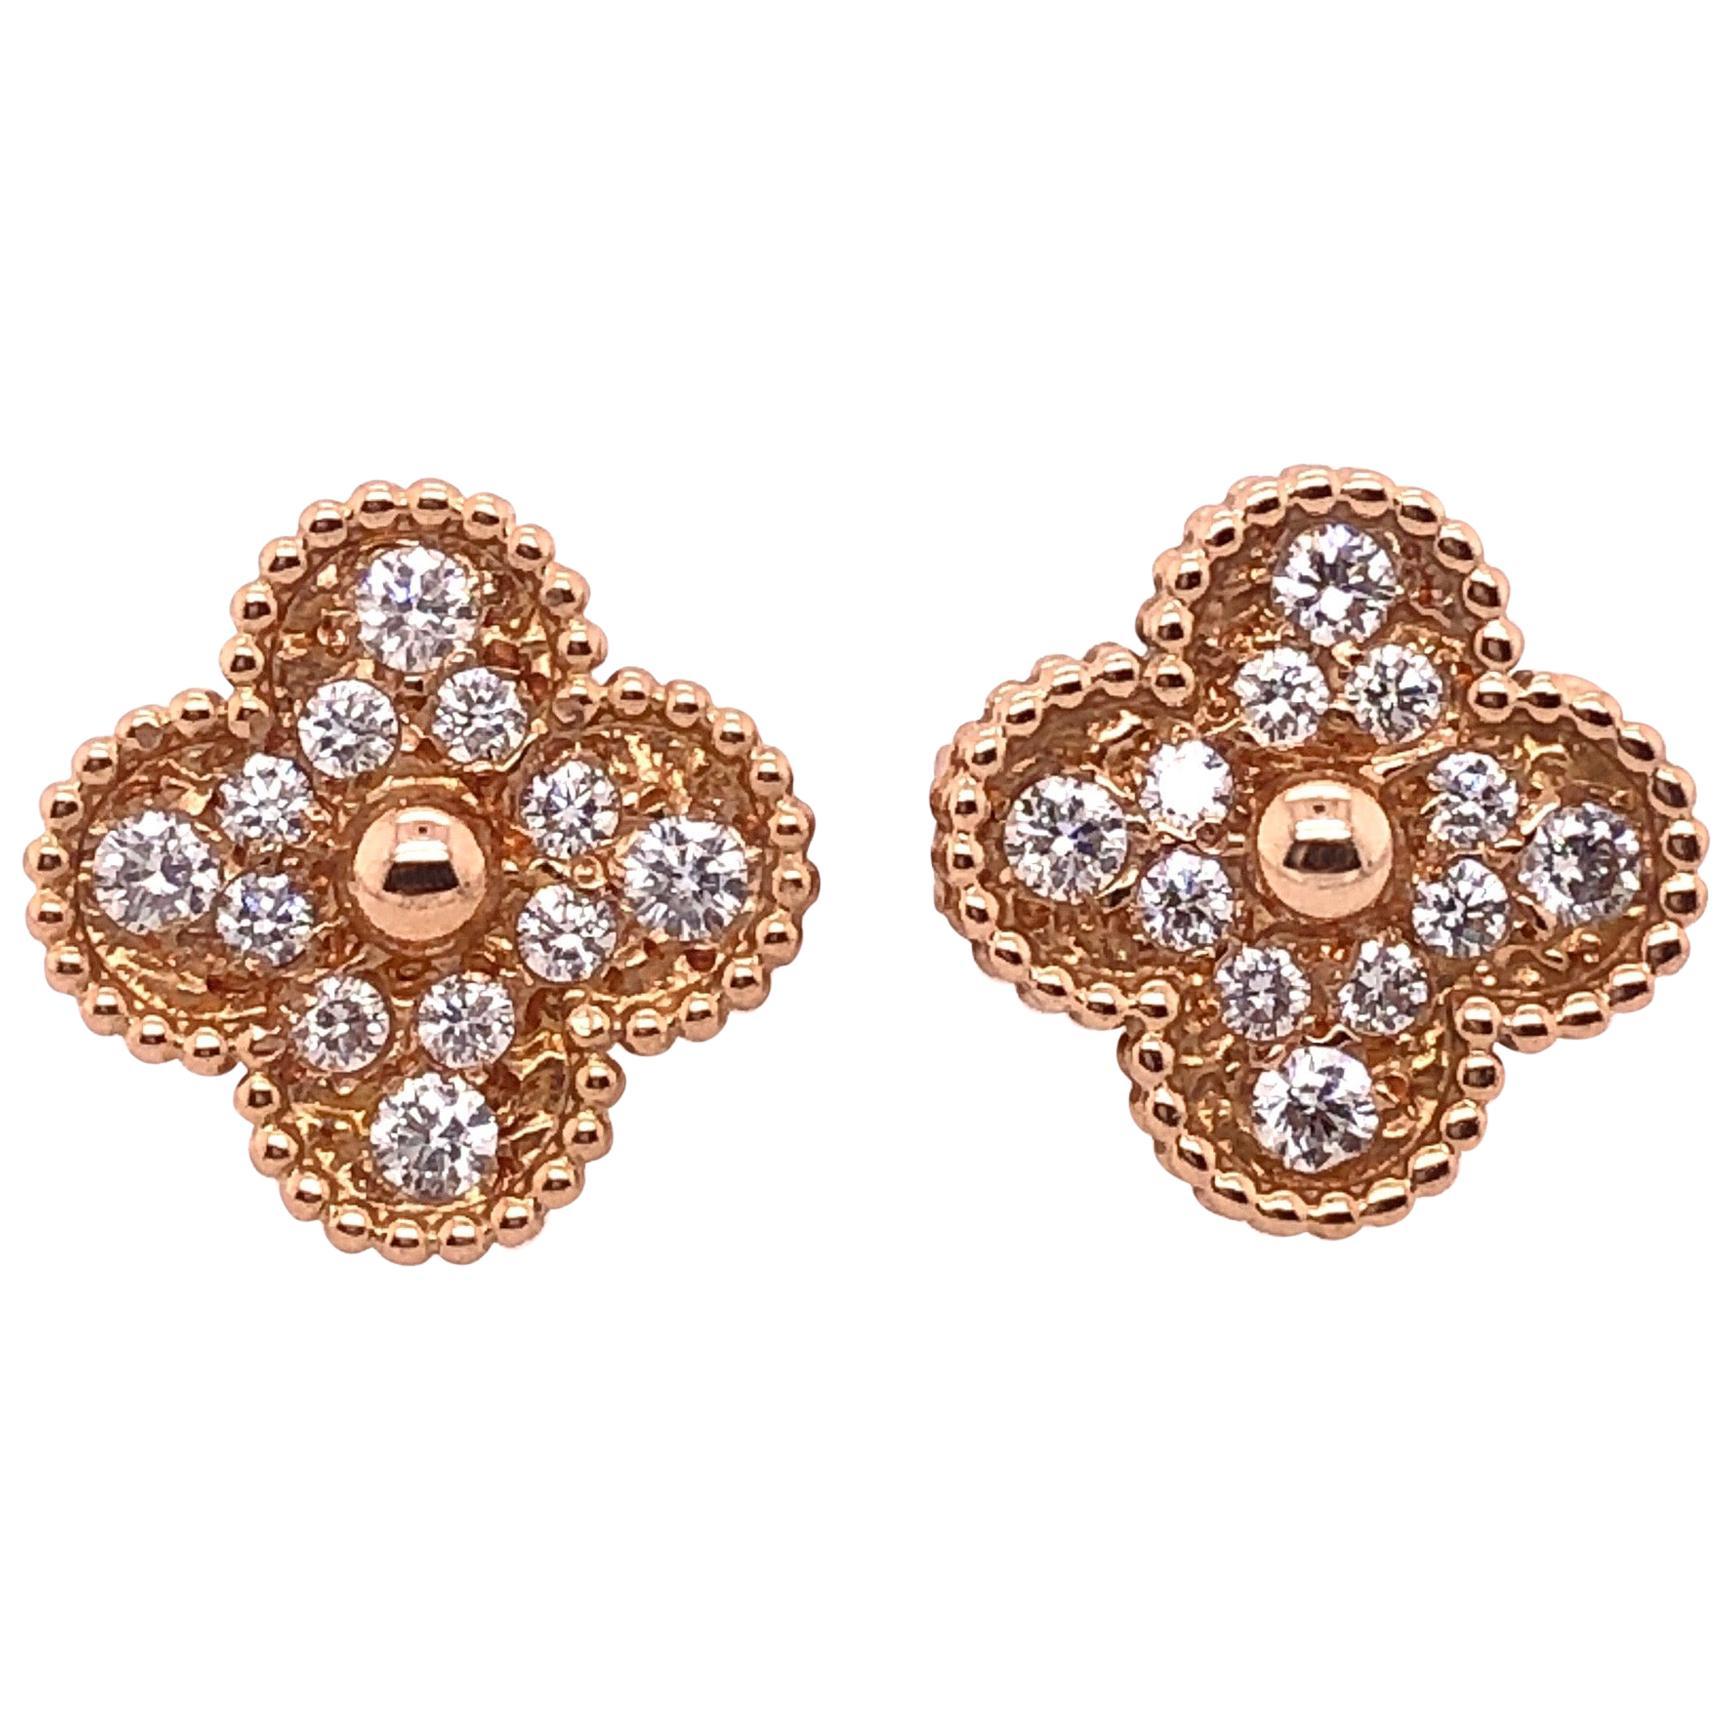 Van Cleef & Arpels 18 Karat Yellow Rose Gold Alhambra Diamond Earrings